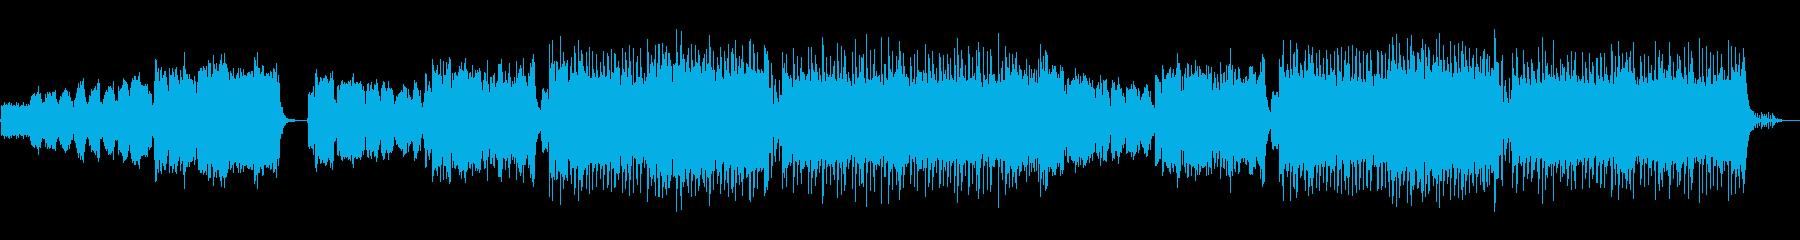 勝利を確信できるオーケストラEDMの再生済みの波形